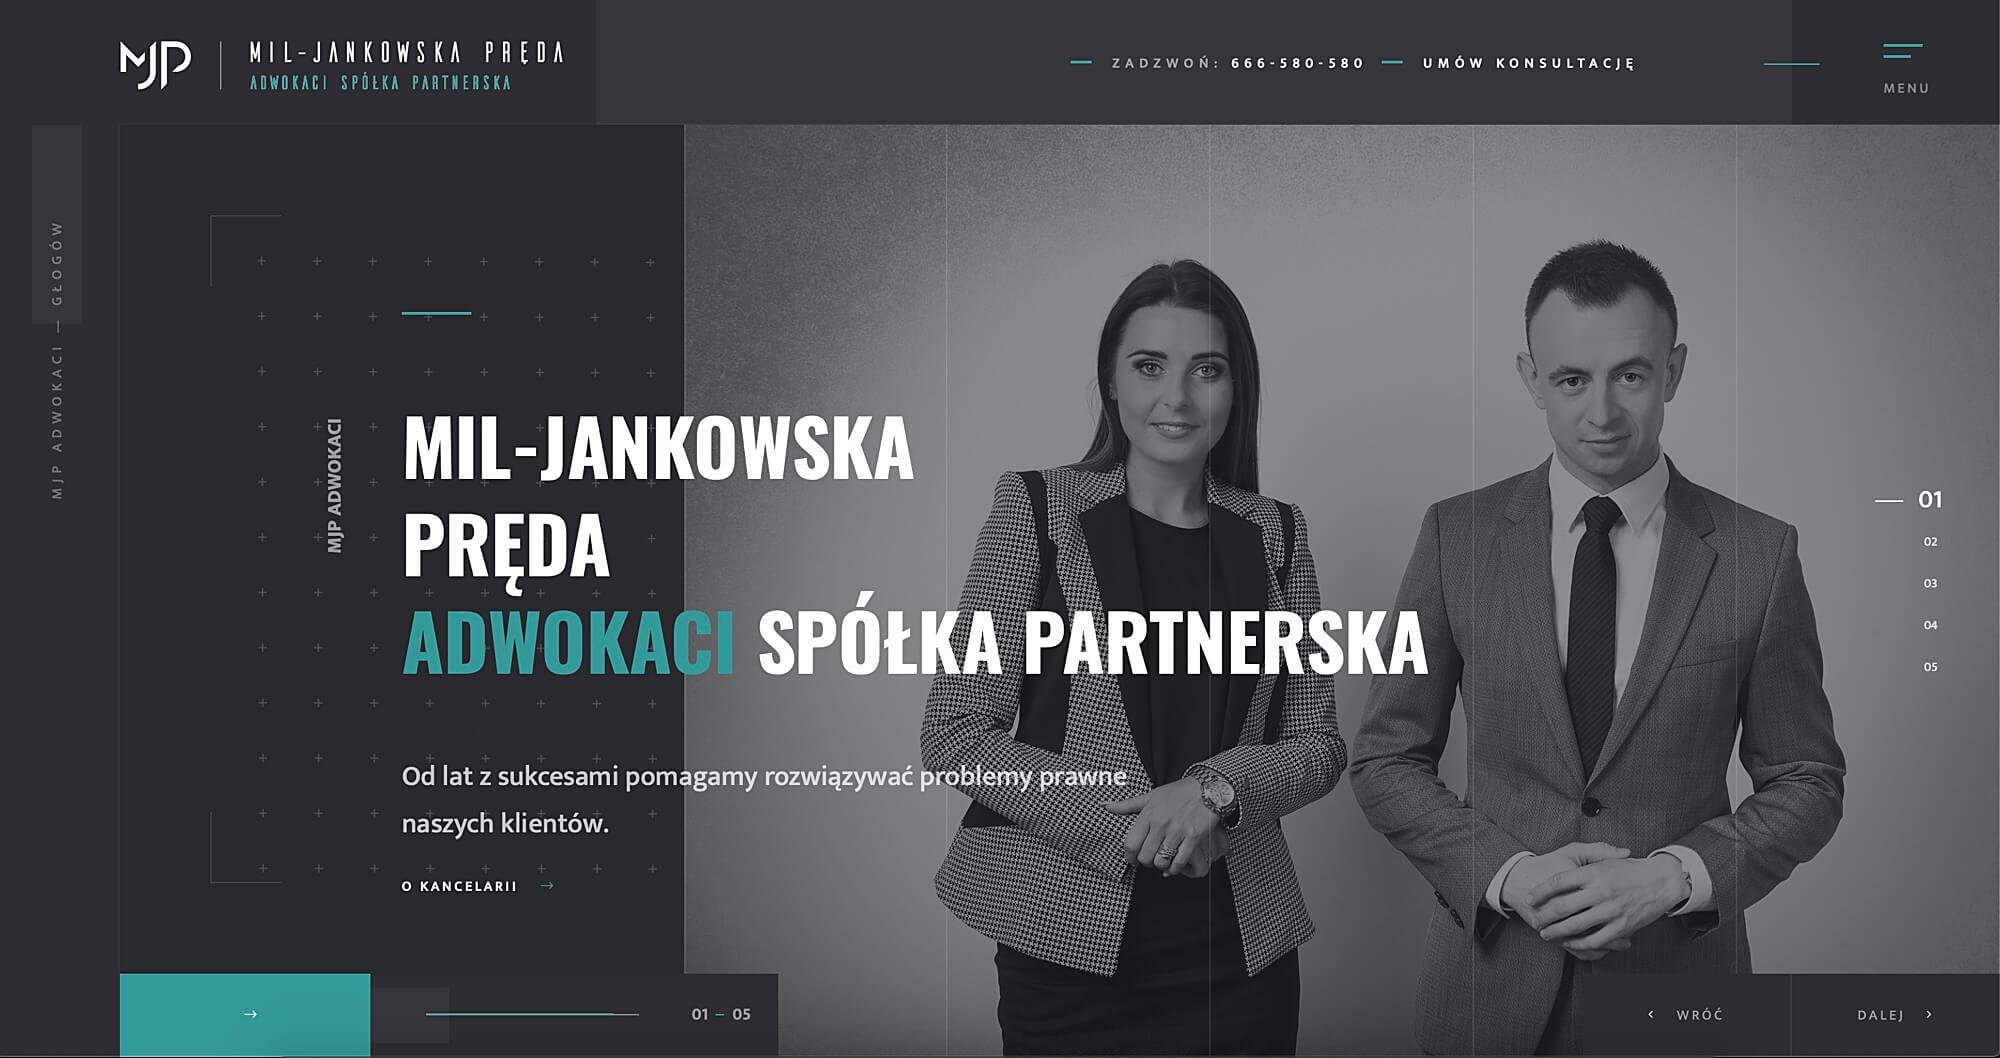 MJP Adwokaci - Adwokat Głogów - strona internetowa